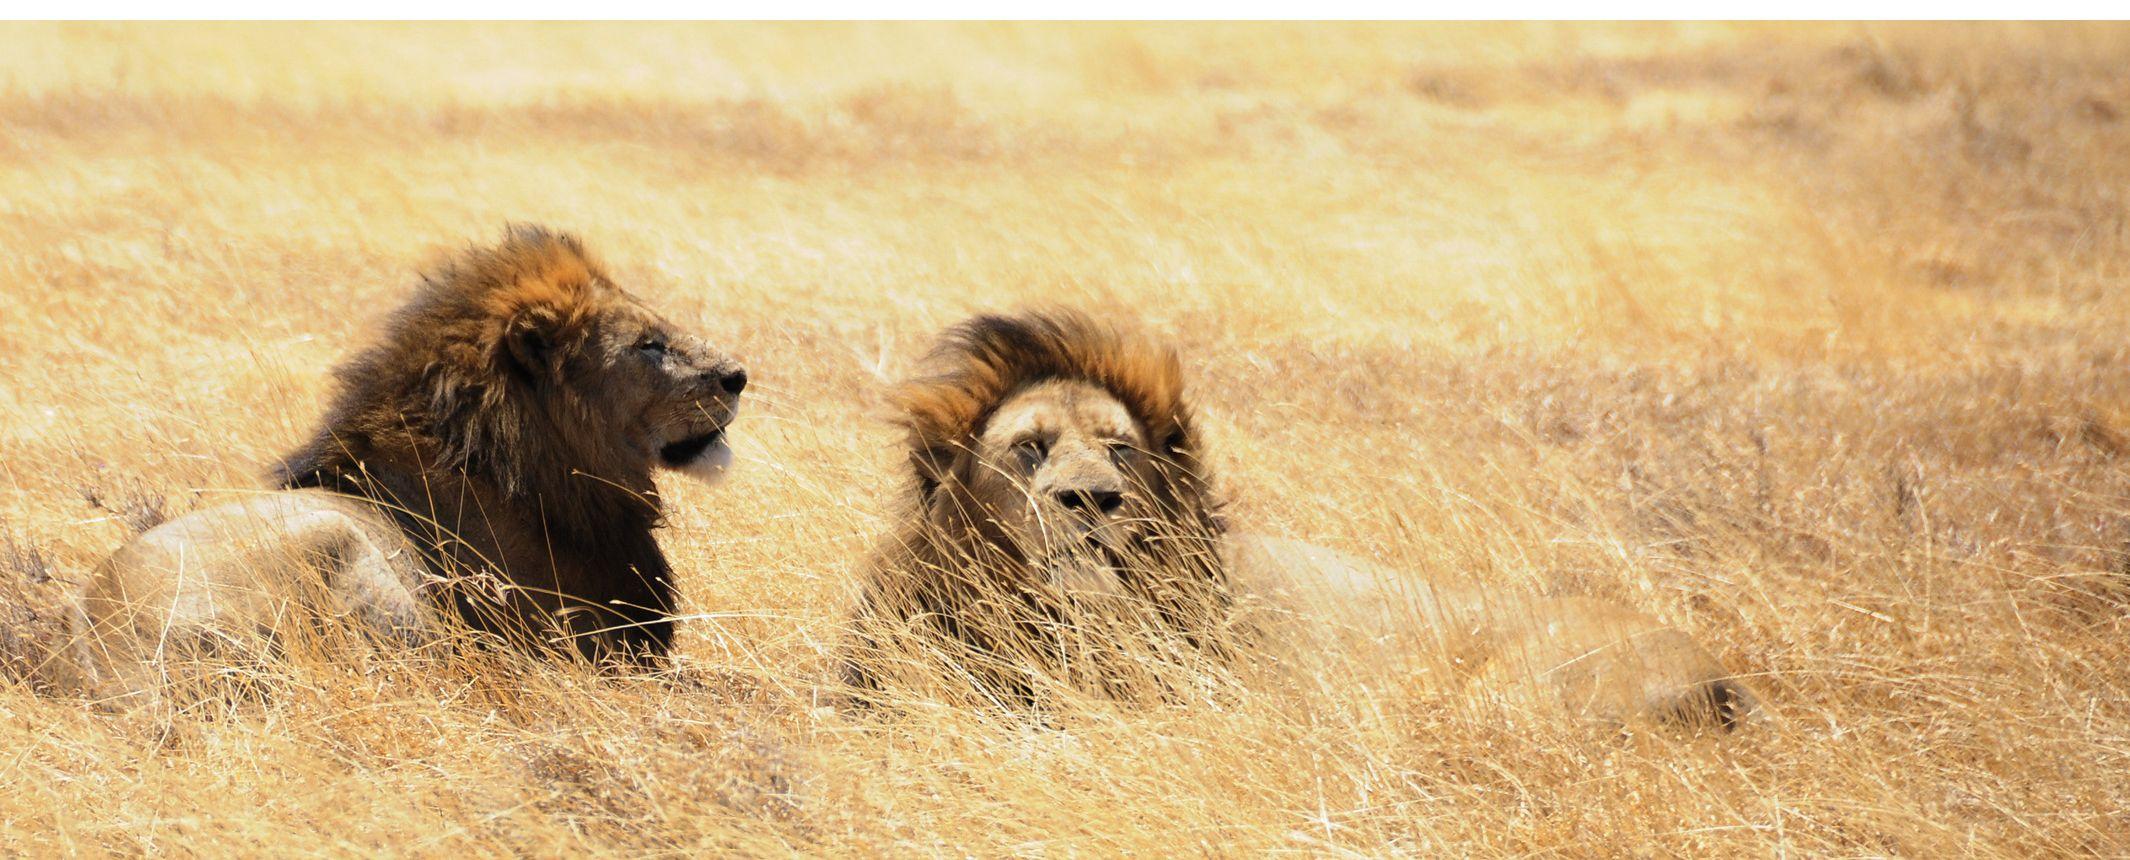 Safaris con estilo. Los Parques del remoto Sur  – Extensión opcional a Zanzibar